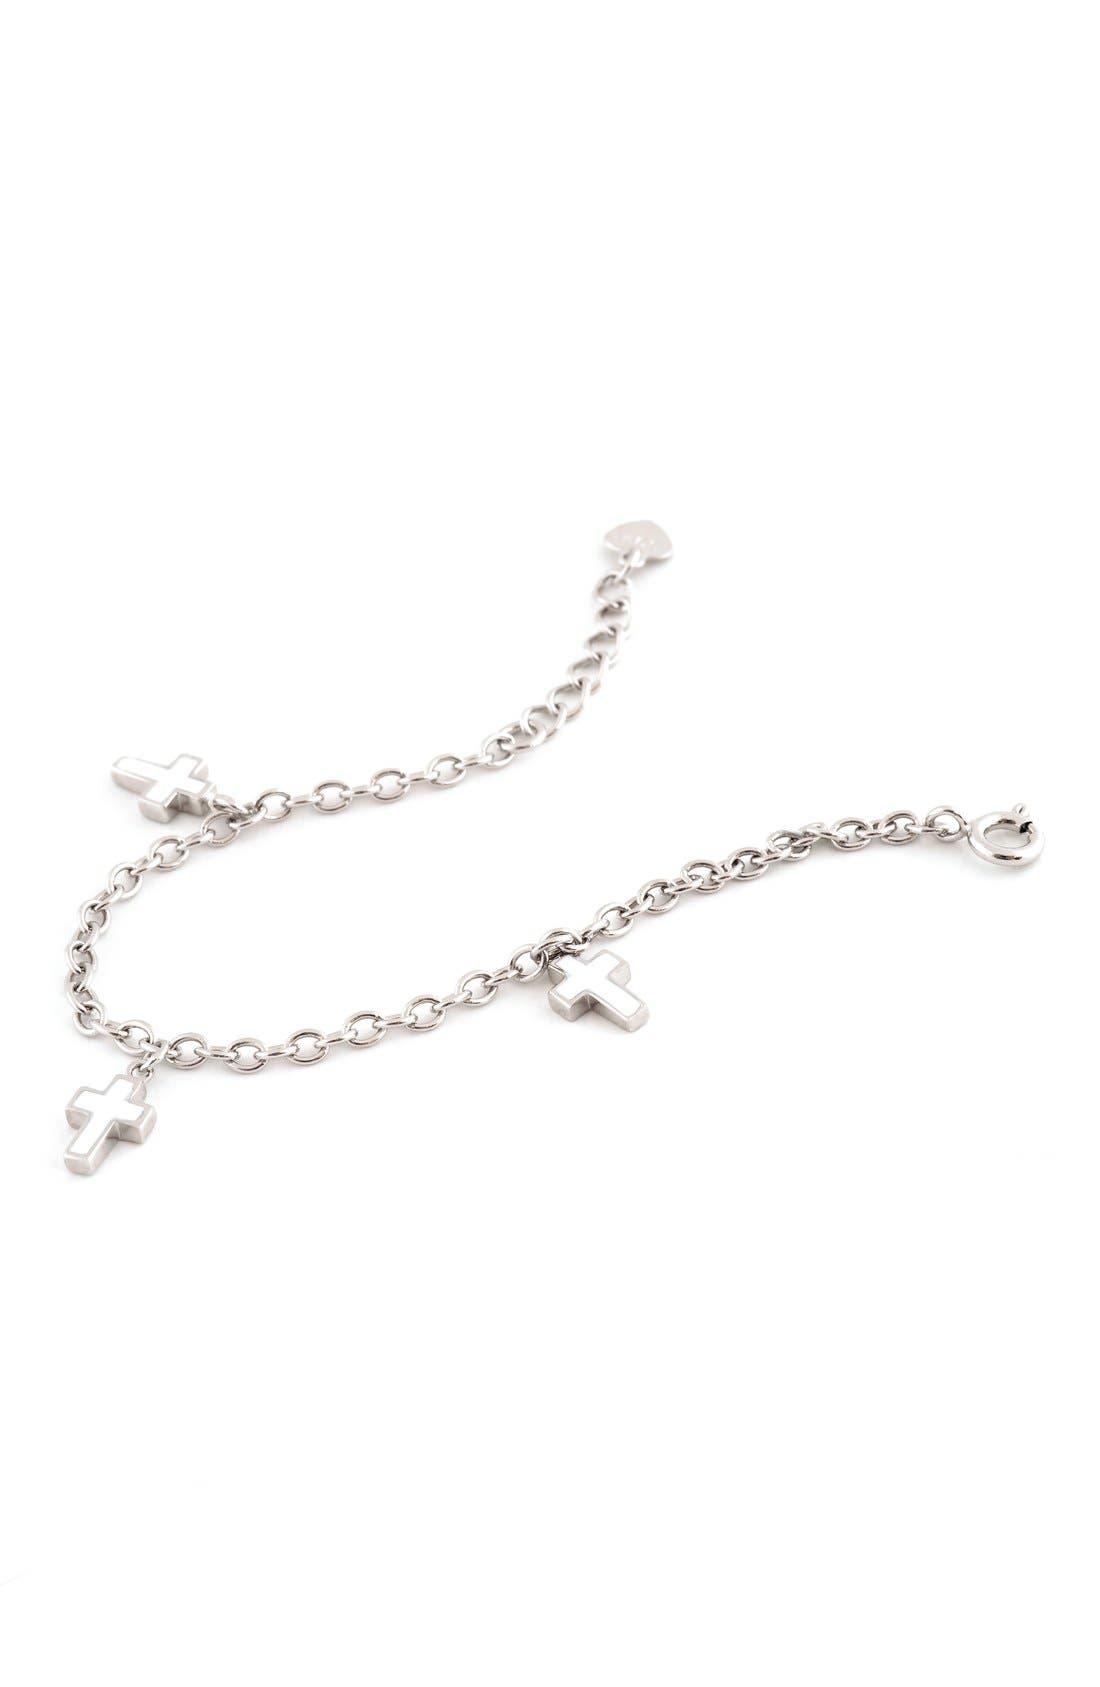 SPEIDEL Enameled Cross Sterling Silver Charm Bracelet